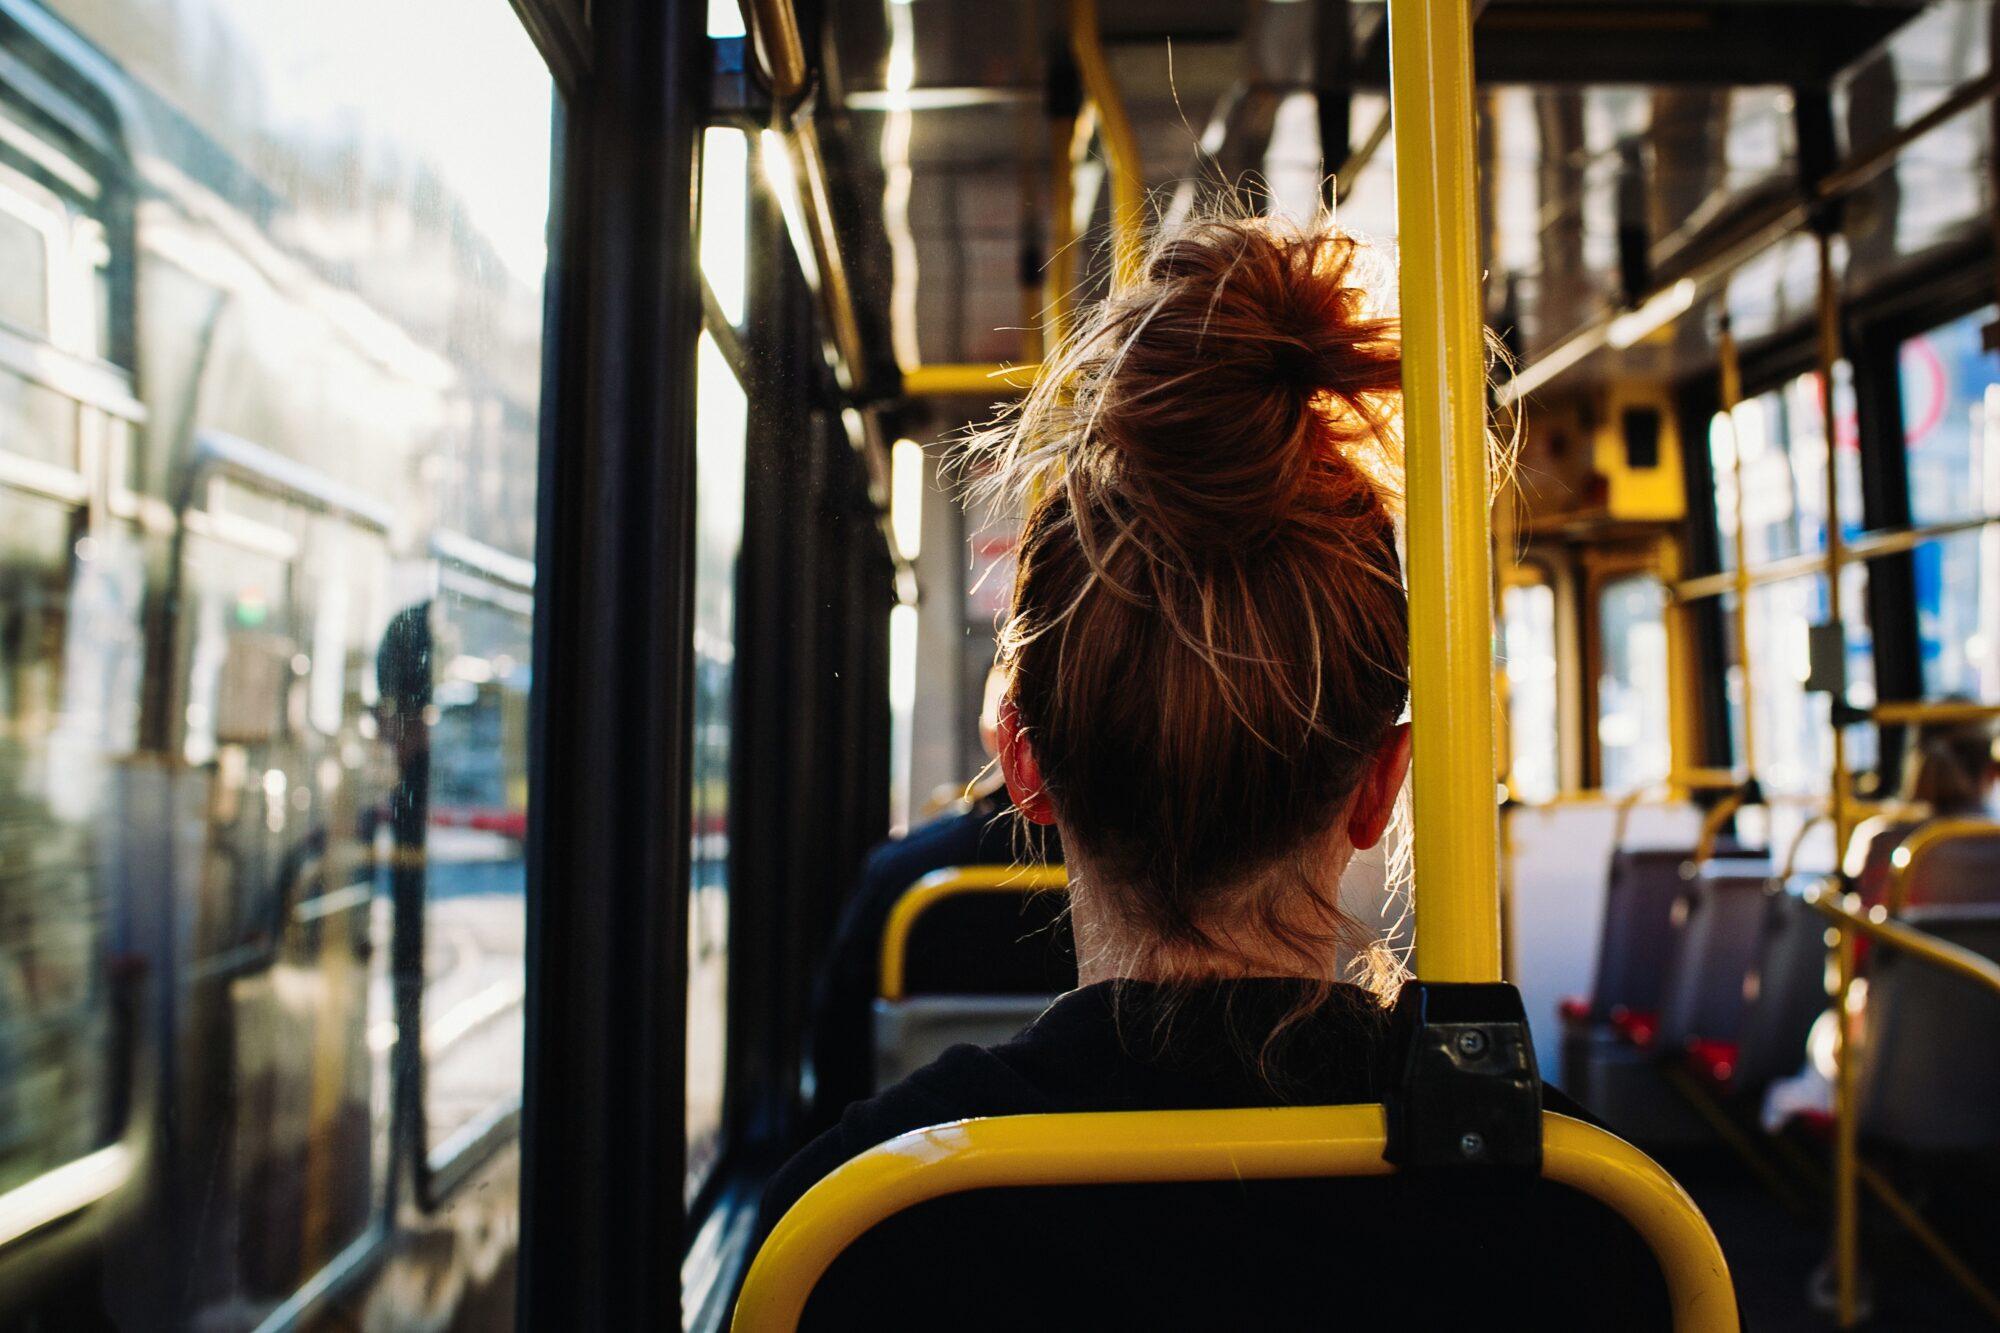 Кілька перевізників Київщини підвищили вартість проїзду без погодження з управлінням - тарифи, маршрутки, громадський транспорт, вартість проїзду - female sitting bus captured from 2000x1333